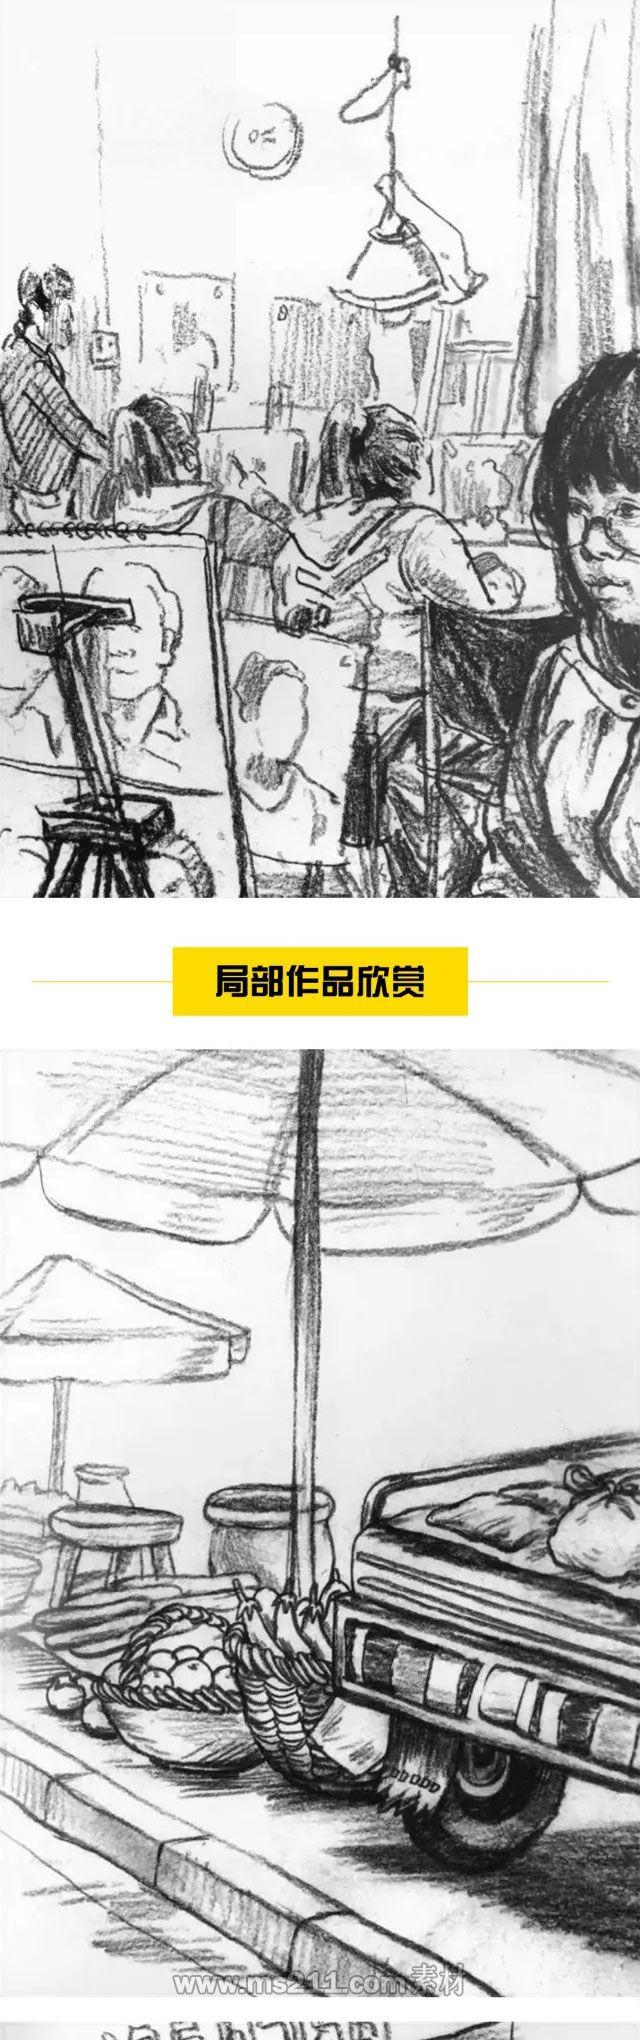 场景速写:画面中的次要空间(下)_03.jpg